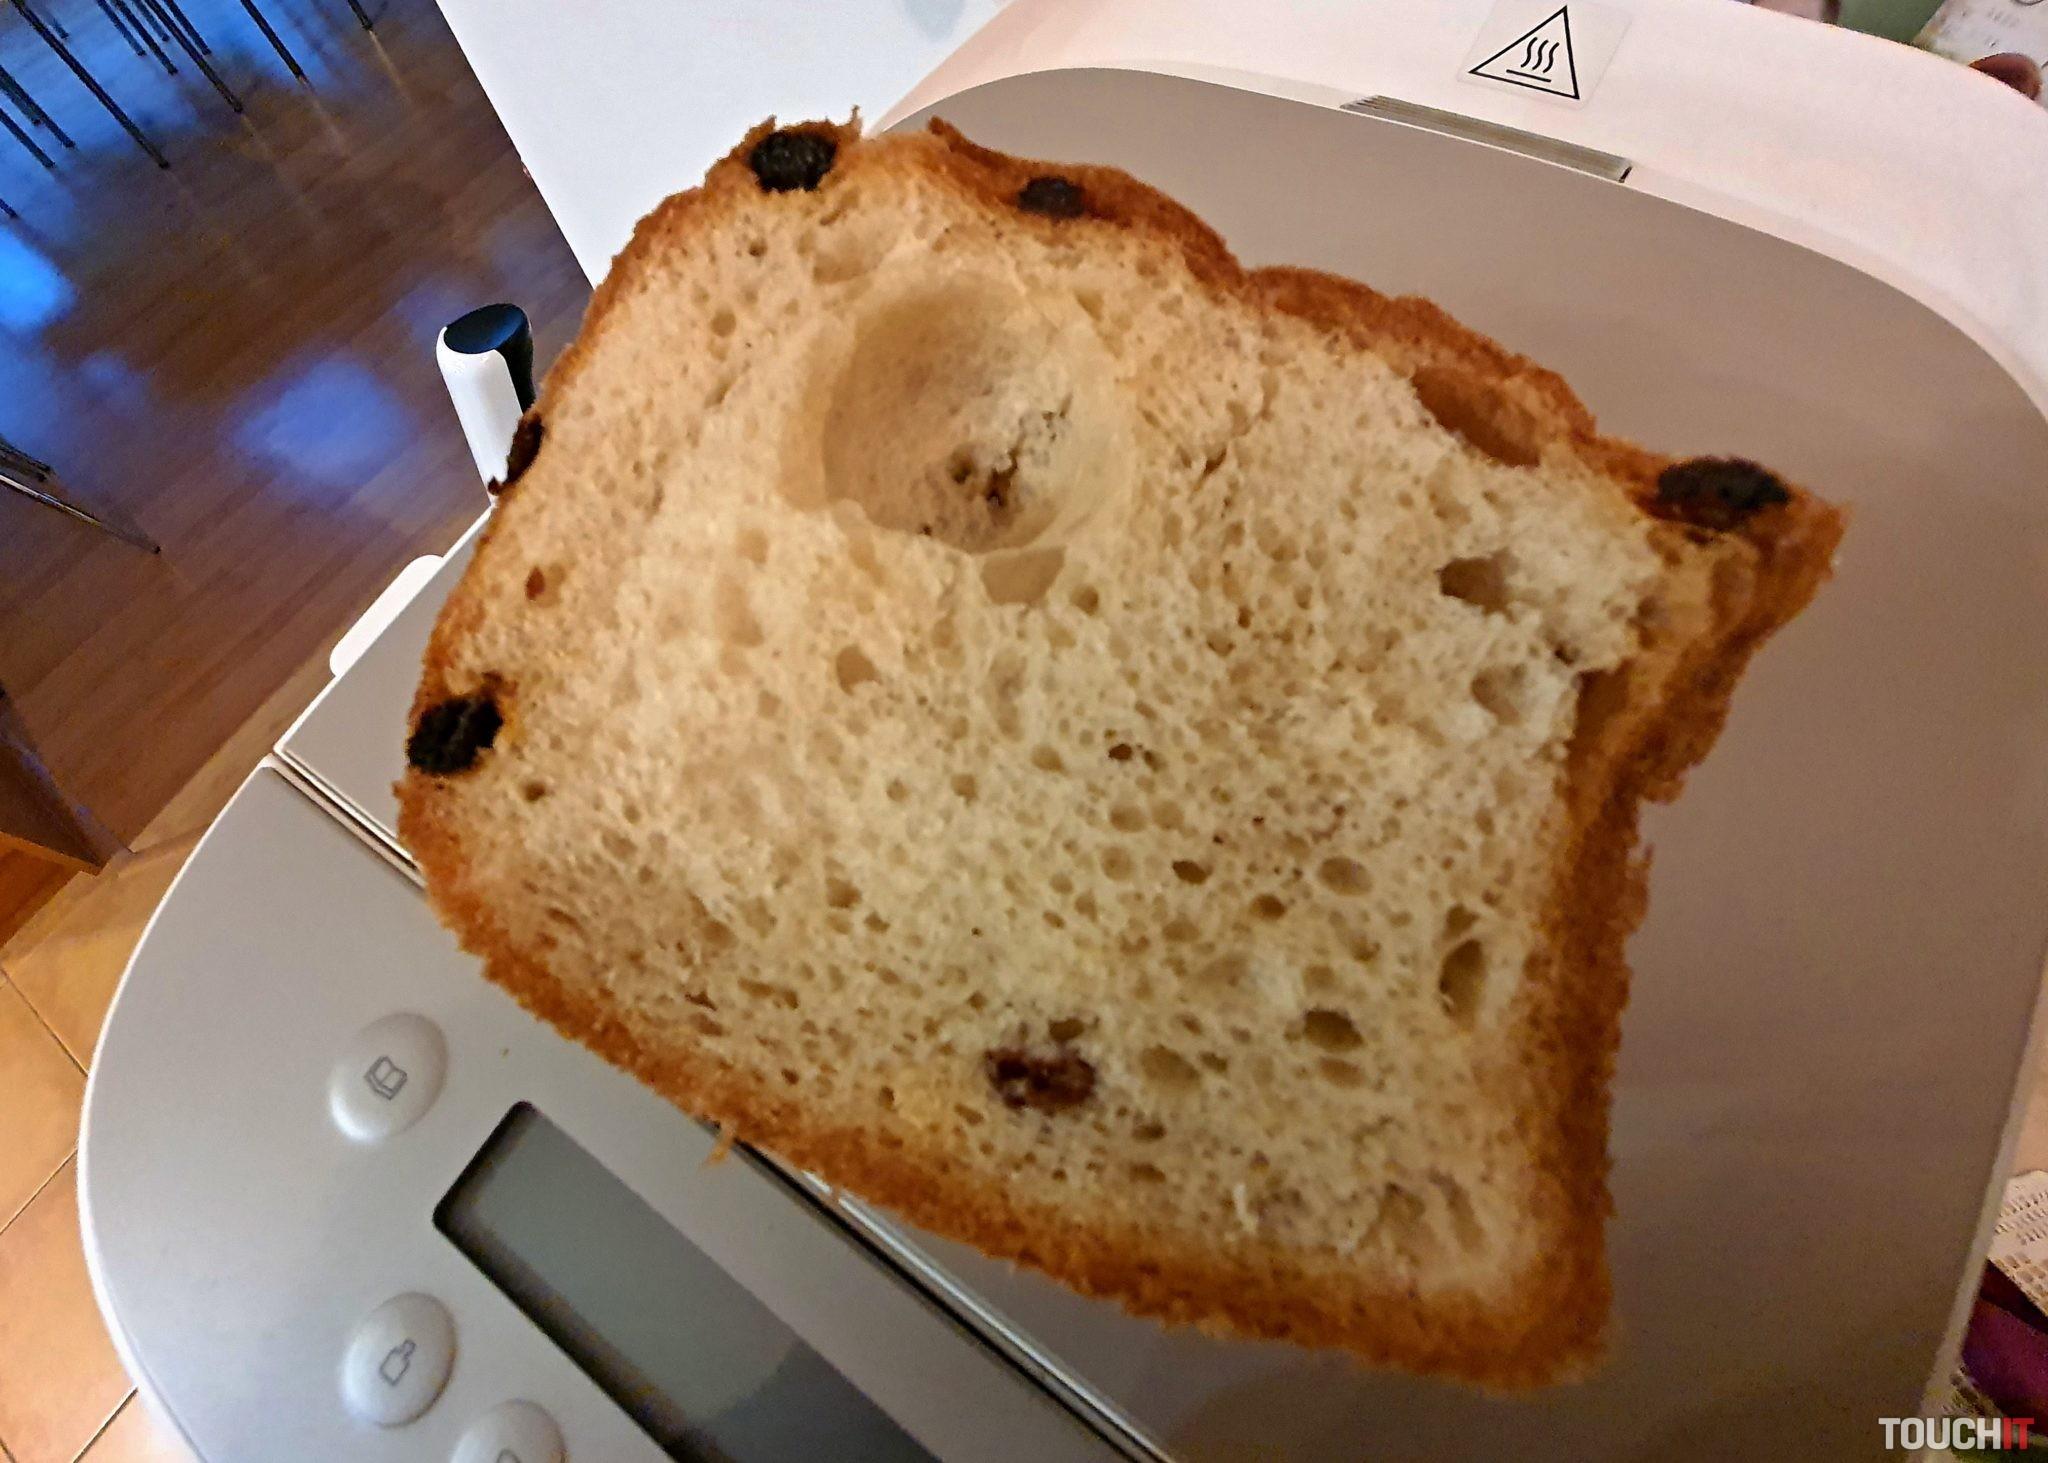 A takto vyzerá výsledok: chlieb s kôrkou a hrozienkami vo vnútri